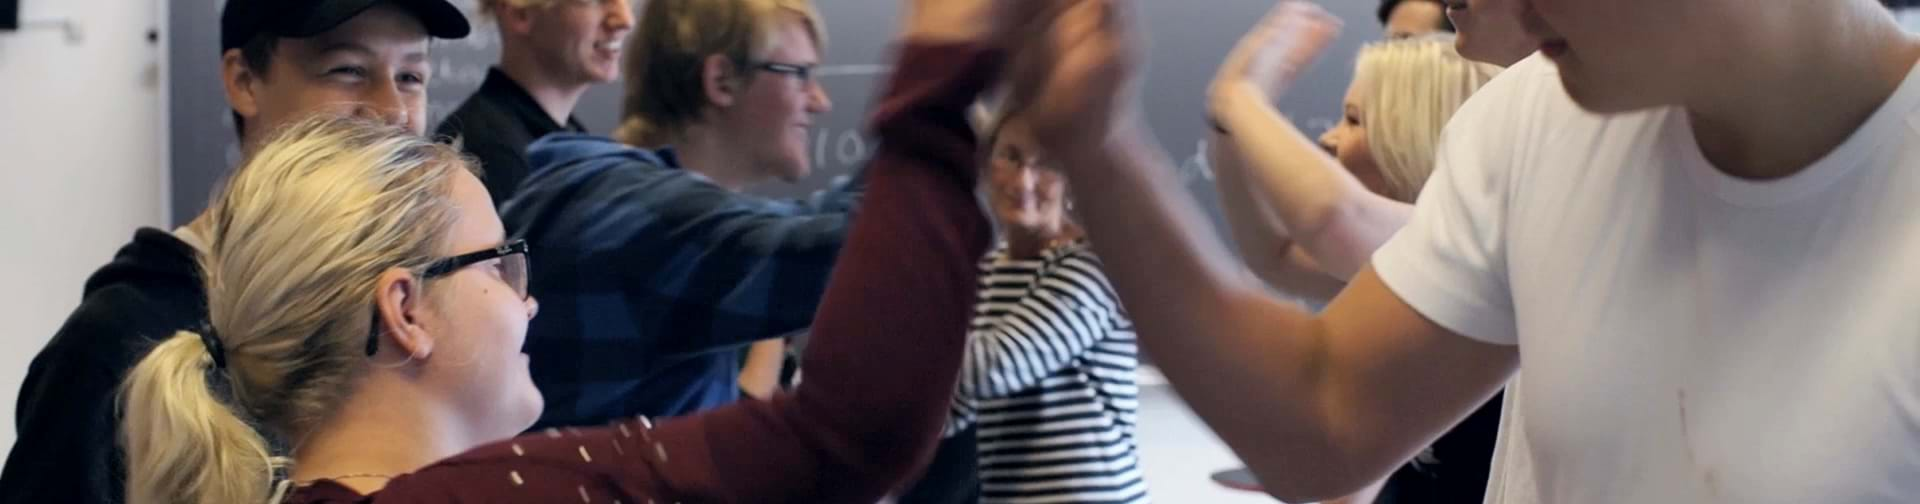 High fives blandt elever